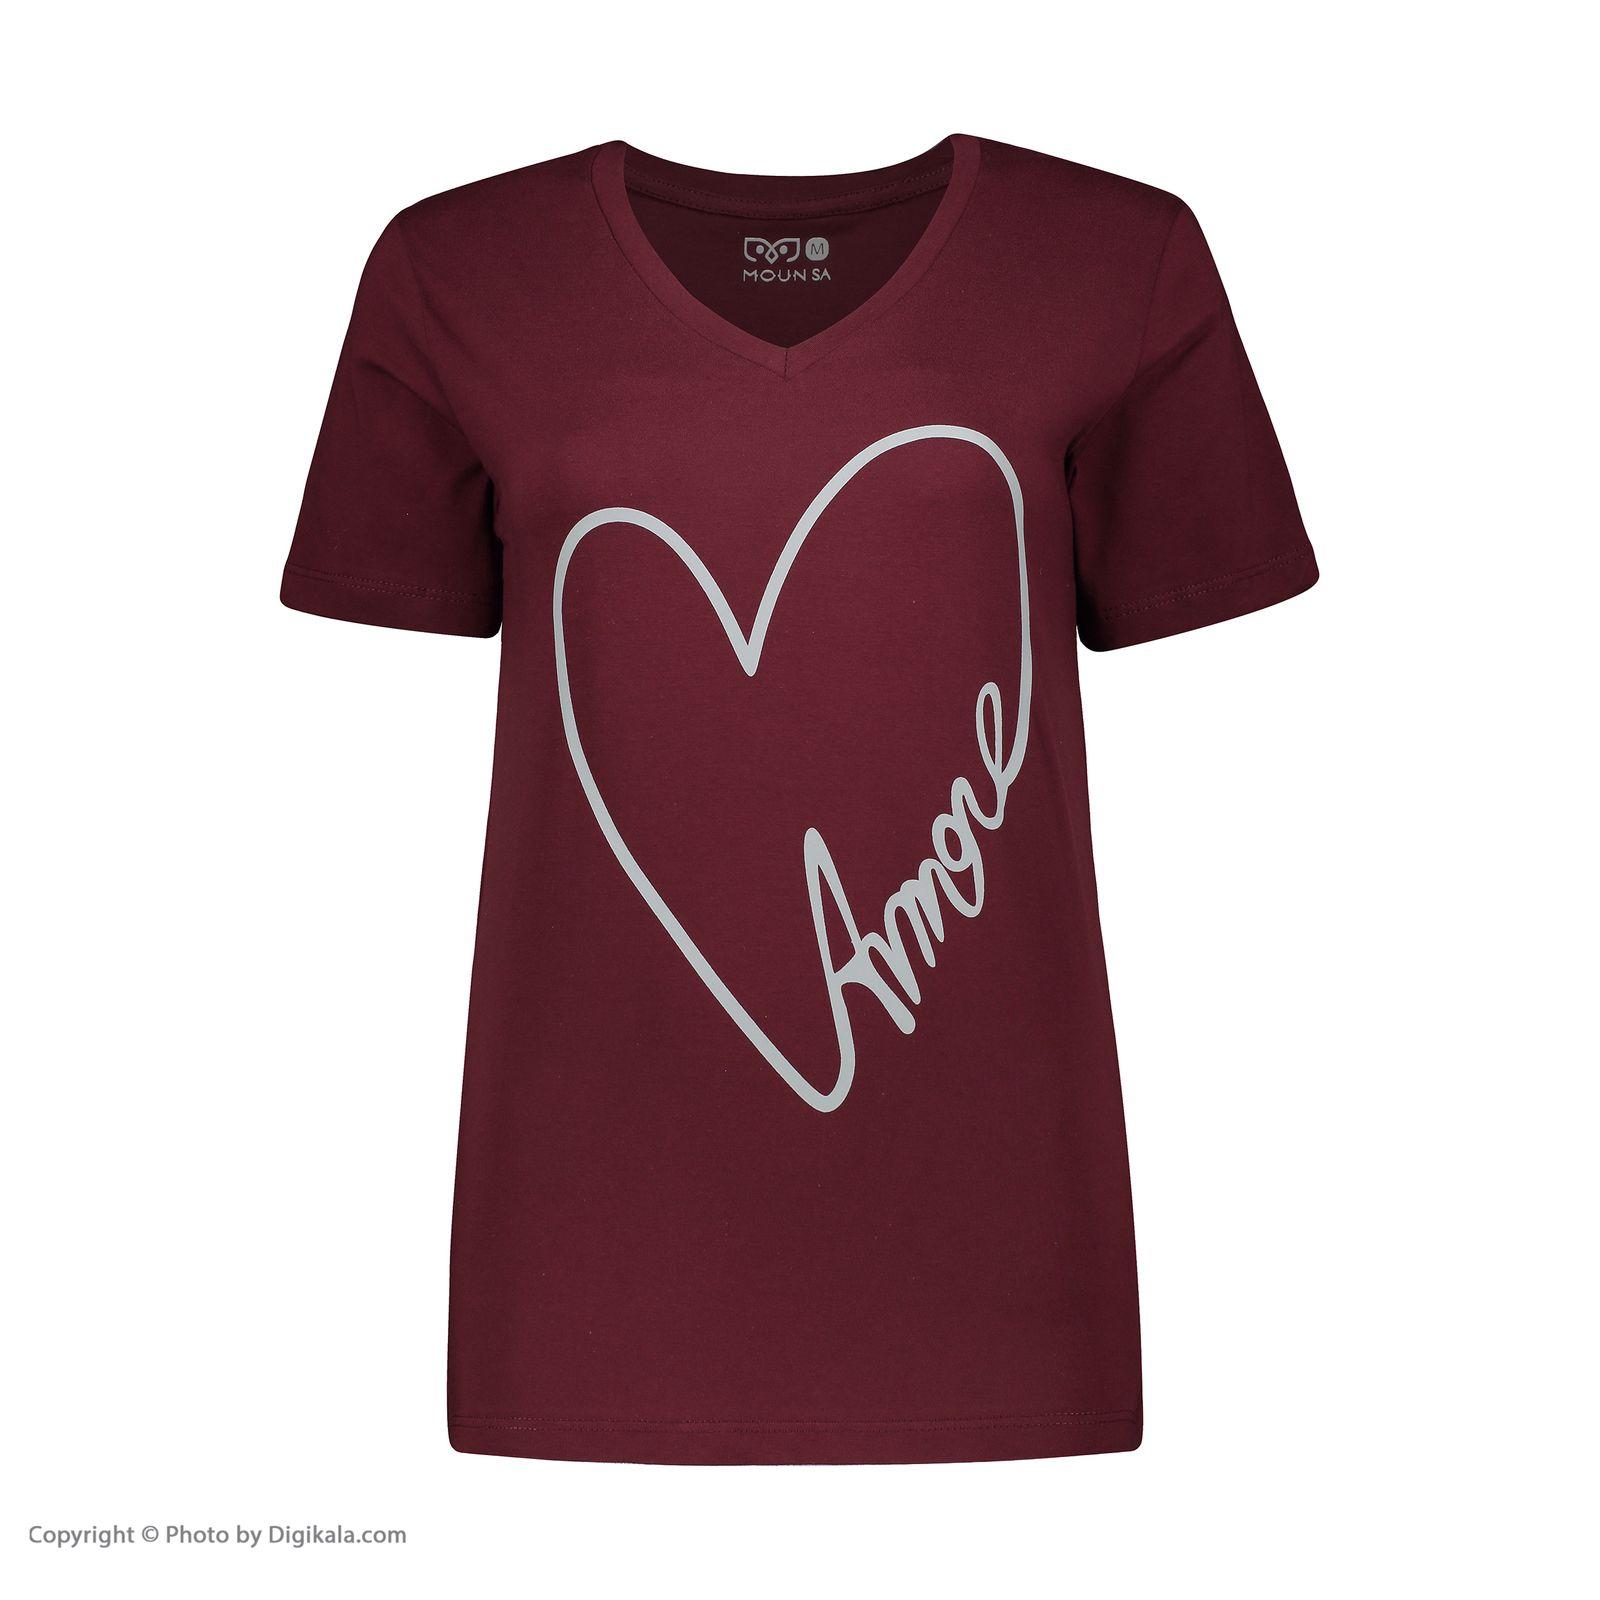 تصویر تی شرت زنانه مون مدل 163117270